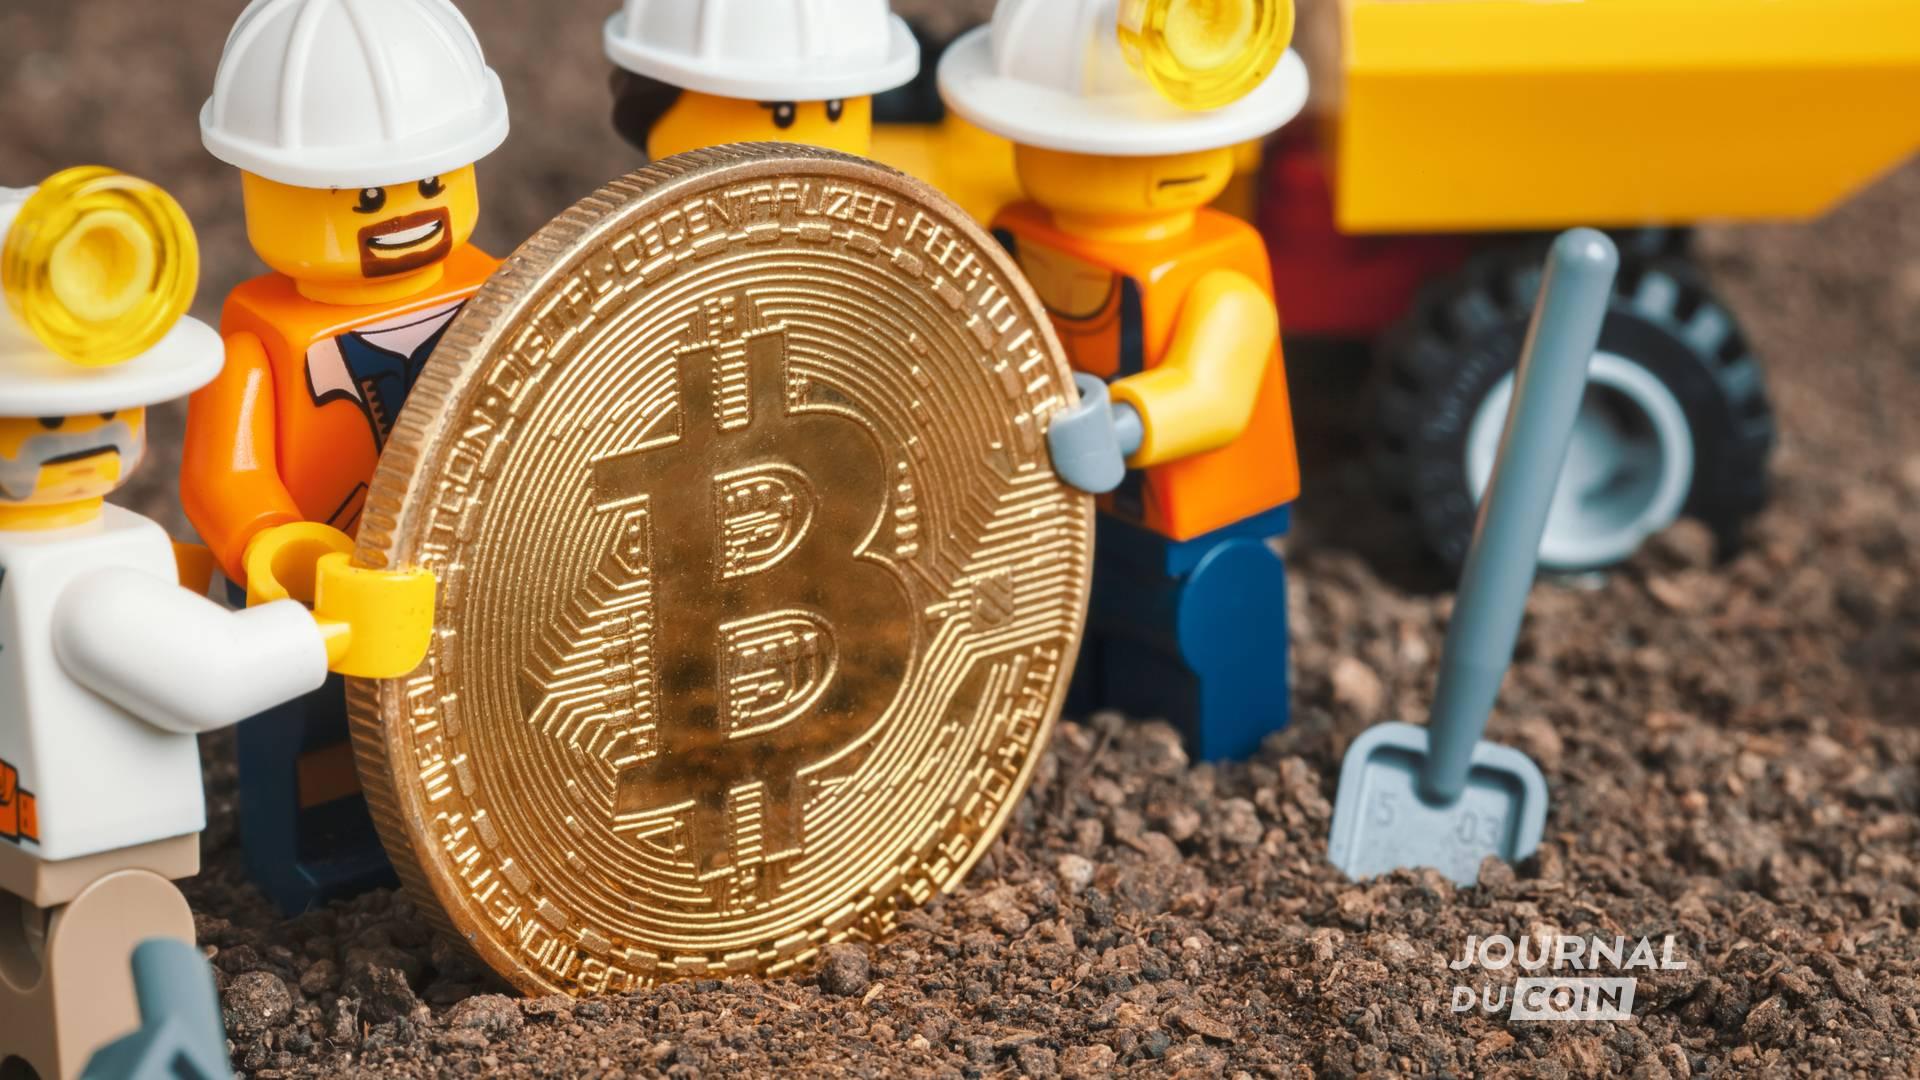 Les 5 problèmes du minage de Bitcoin que veut résoudre le patron de Twitter